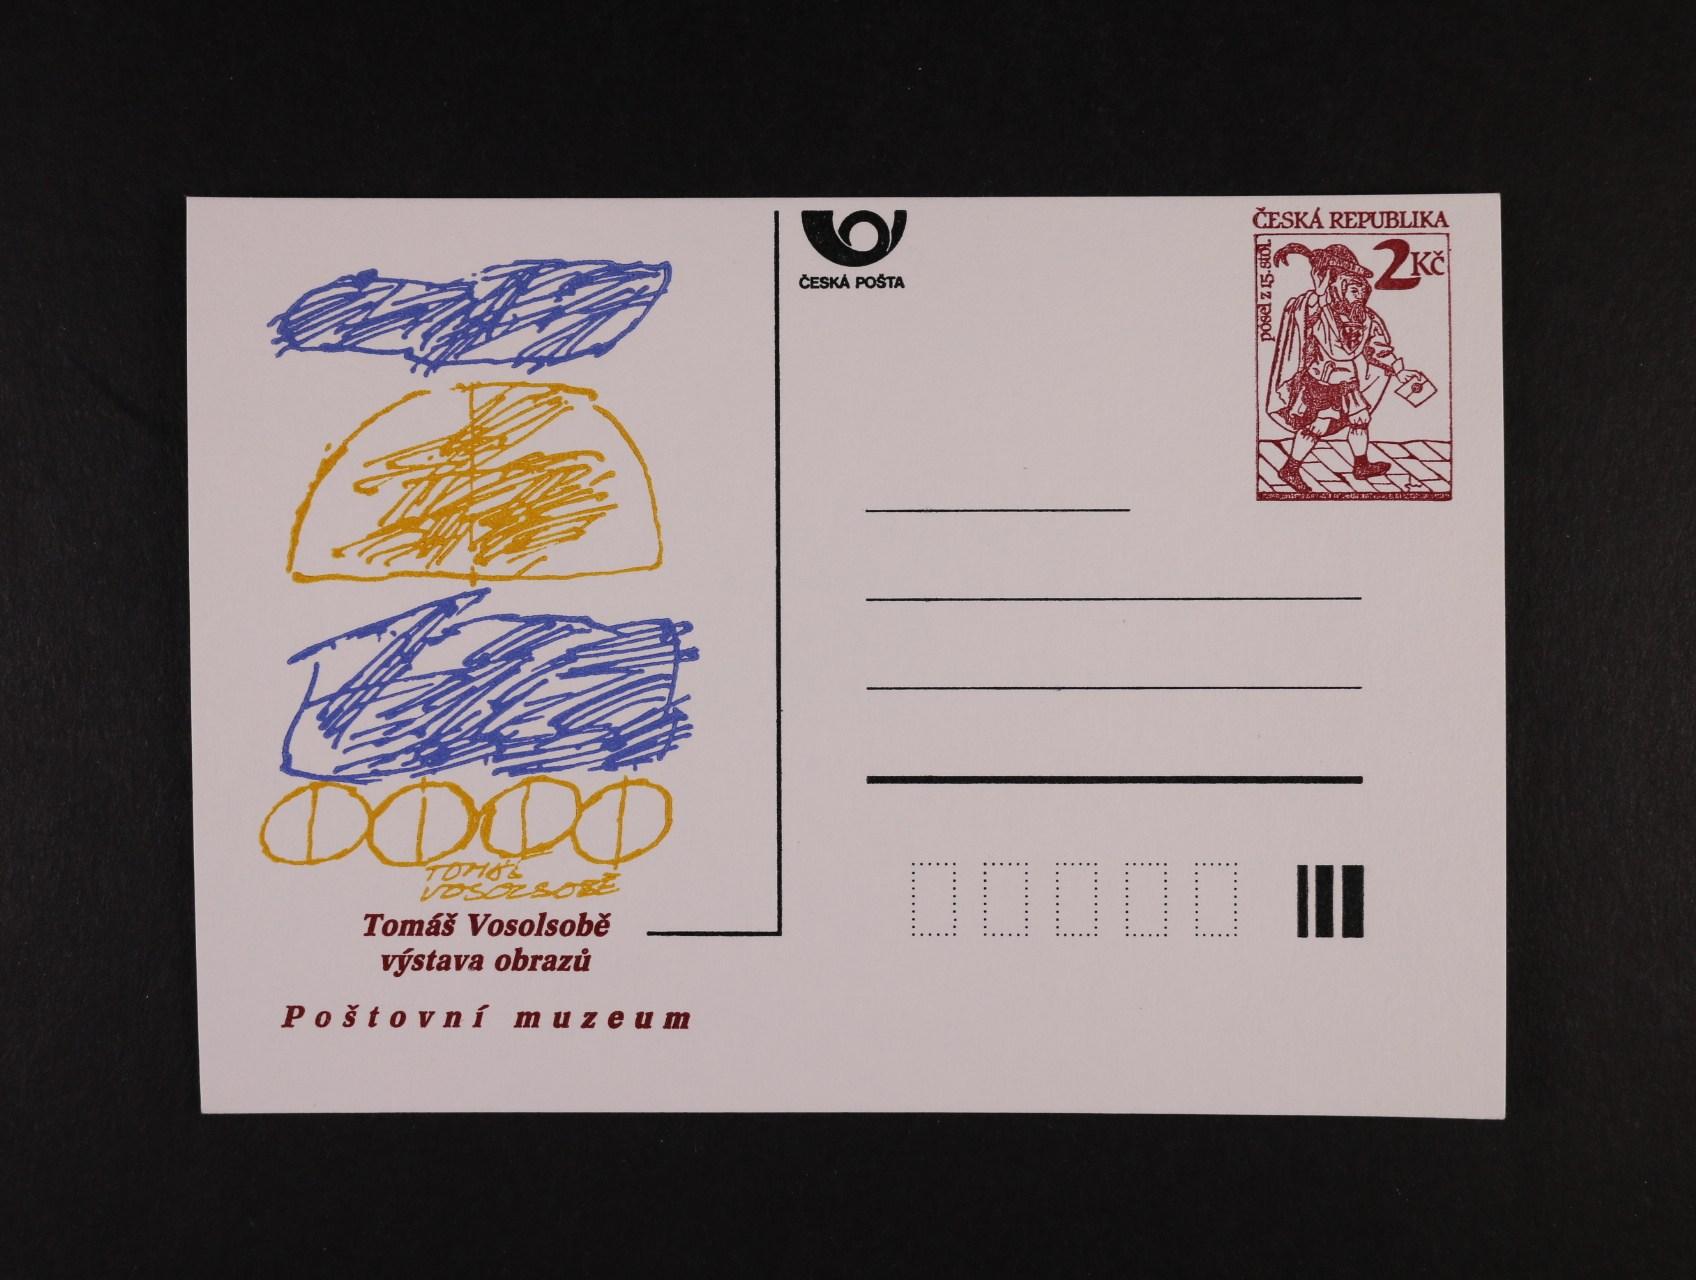 CDV č. 2 PM 1 s přítiskem Tomáš Vosolsobě VÝSTAVA OBRAZŮ v barvě žlutooranžové, nepoužitá, kat. cena 2500 Kč